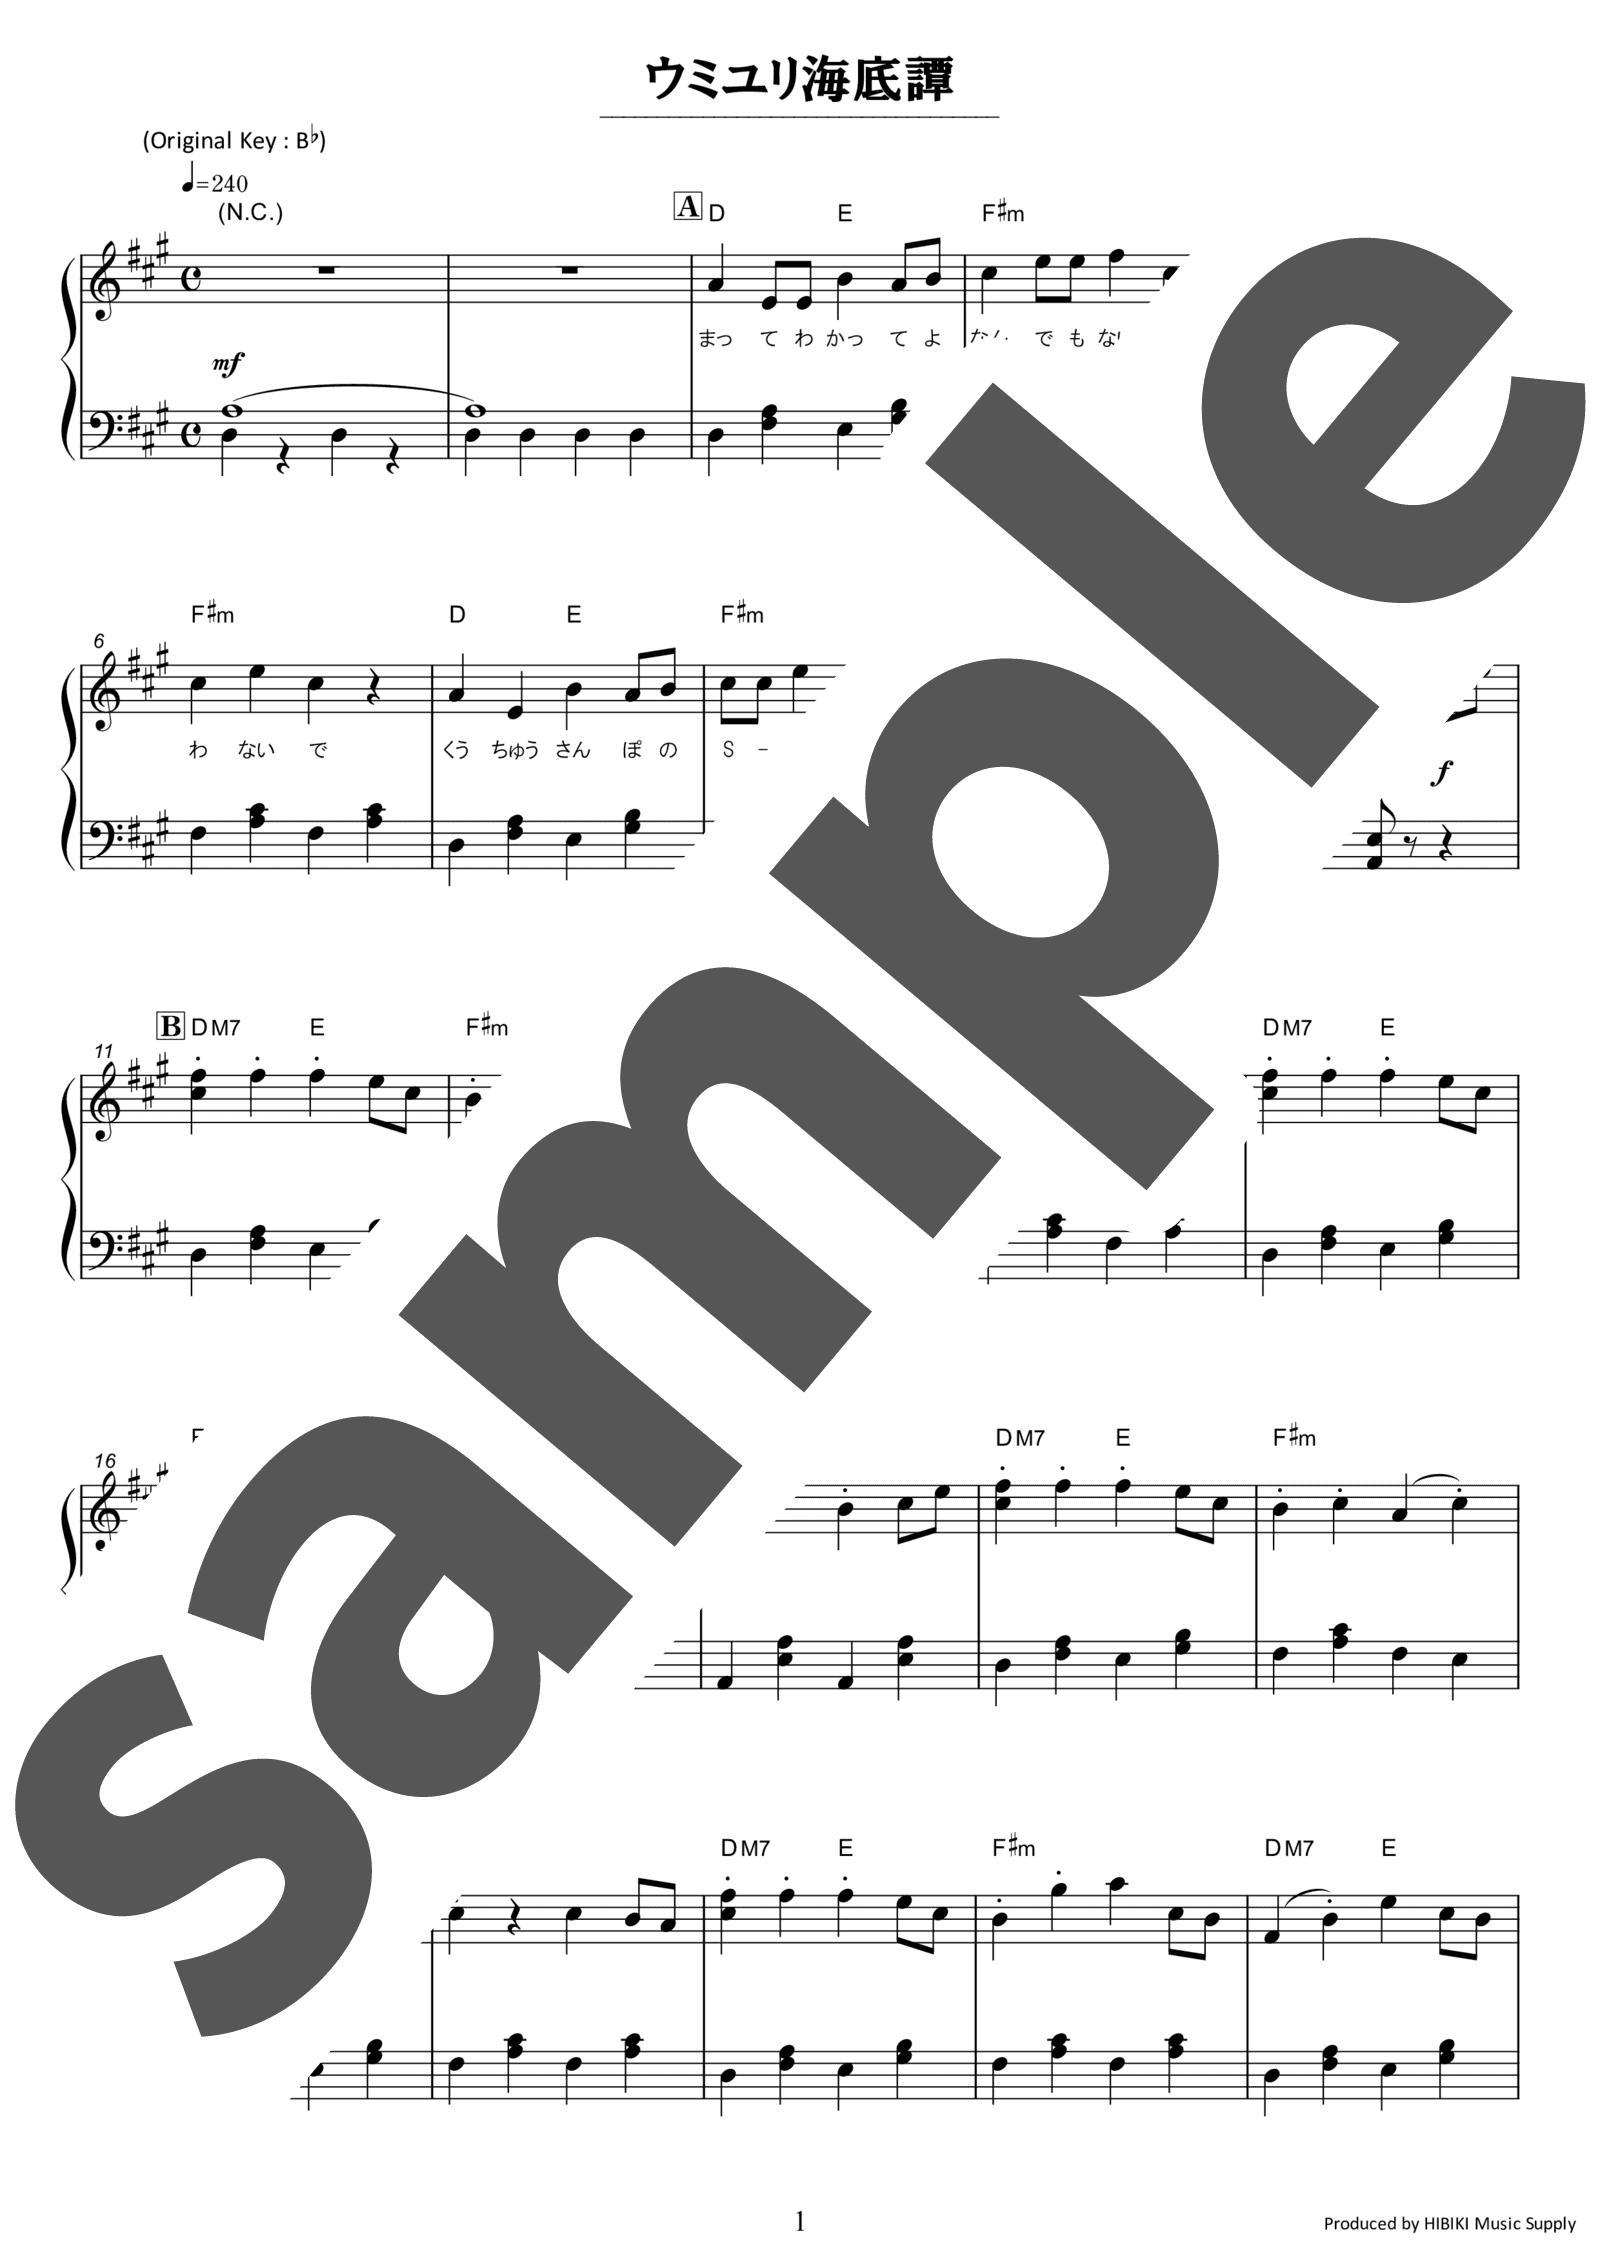 「ウミユリ海底譚」のサンプル楽譜